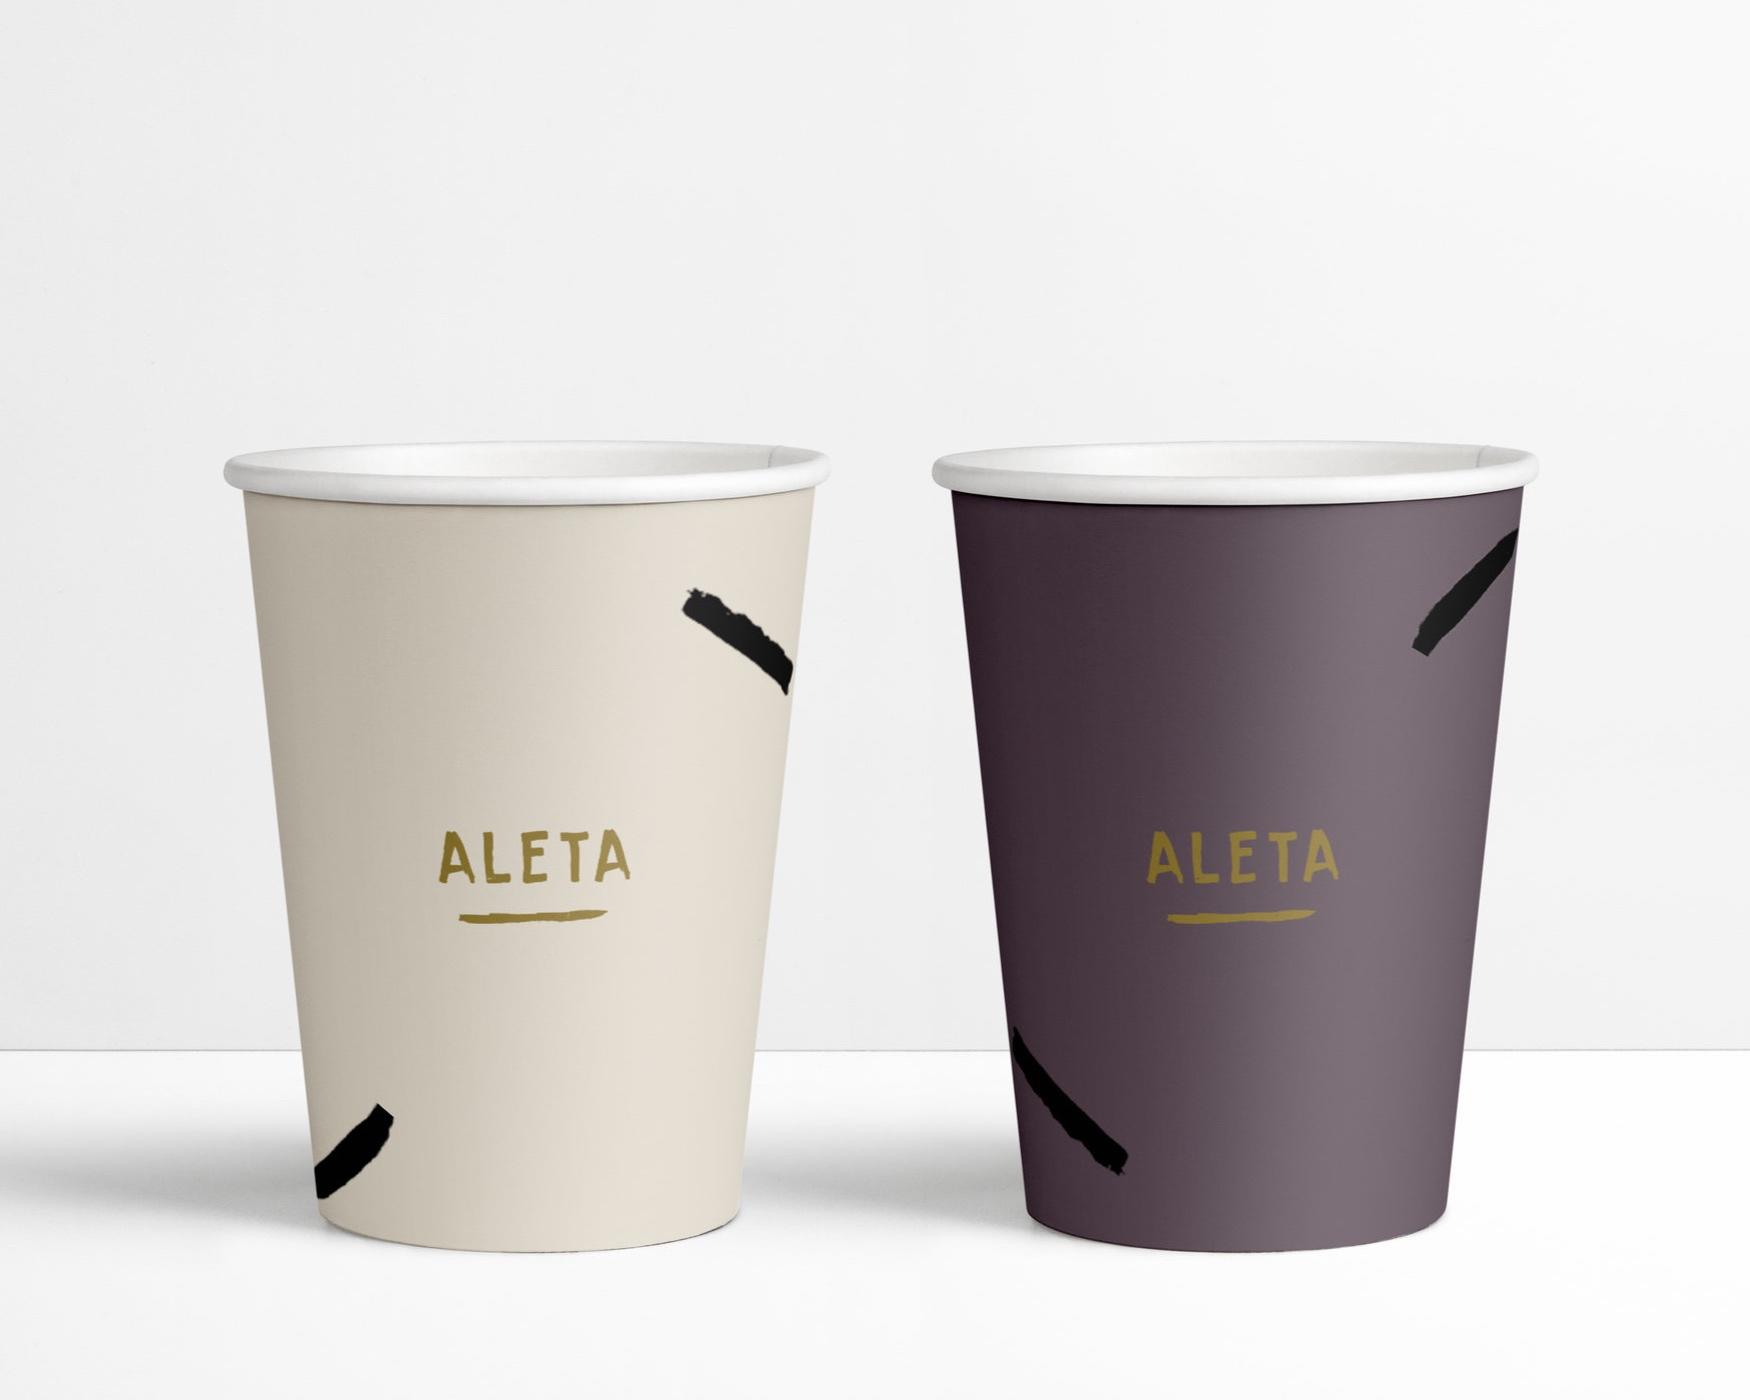 Aleta-Restaurant-Branding_Product-Design.jpg